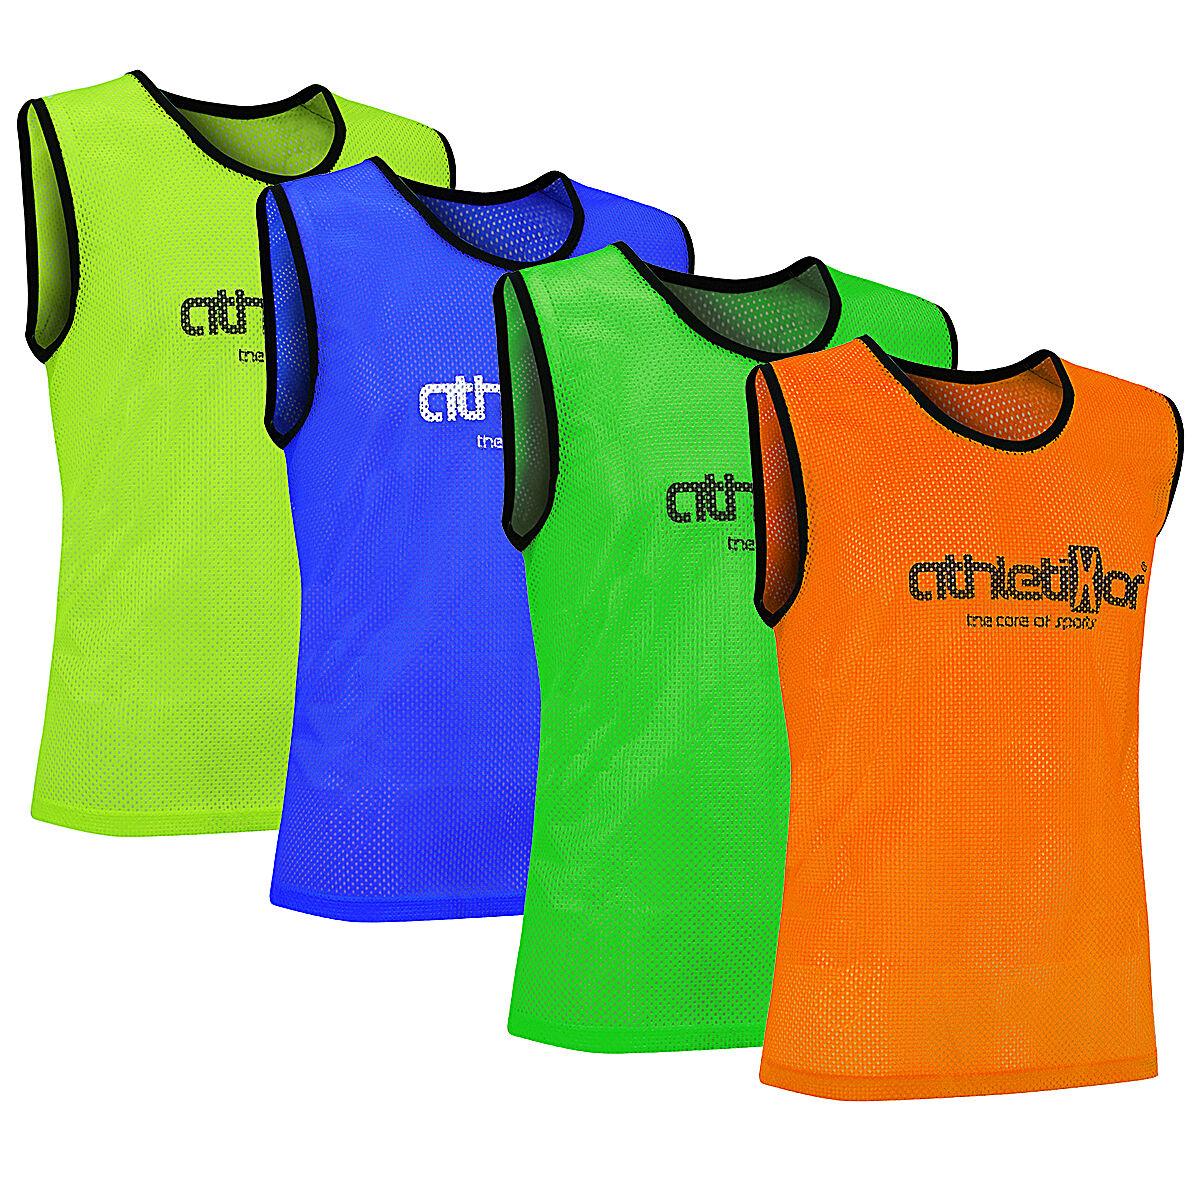 Fussballleibchen_Trainingsleibchen_Markierungshemd_Leibchen verschiedene Farben